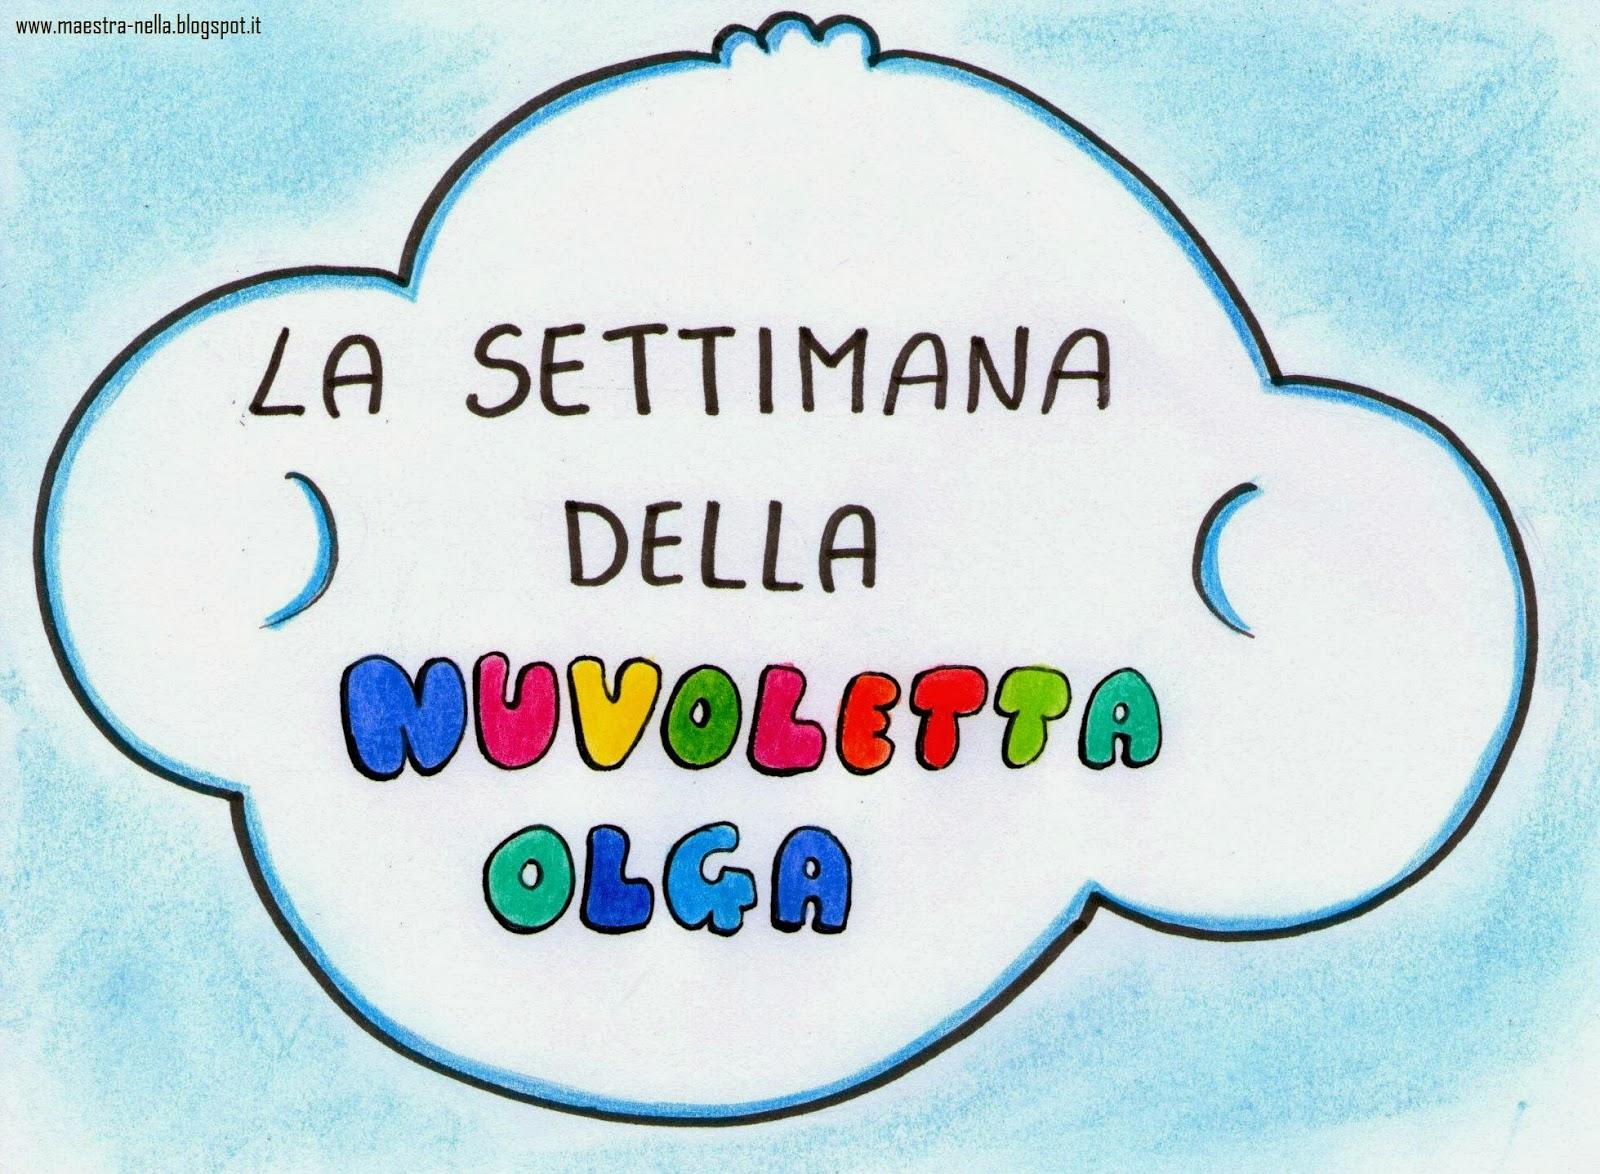 Famoso maestra Nella: La settimana della nuvoletta Olga VU52